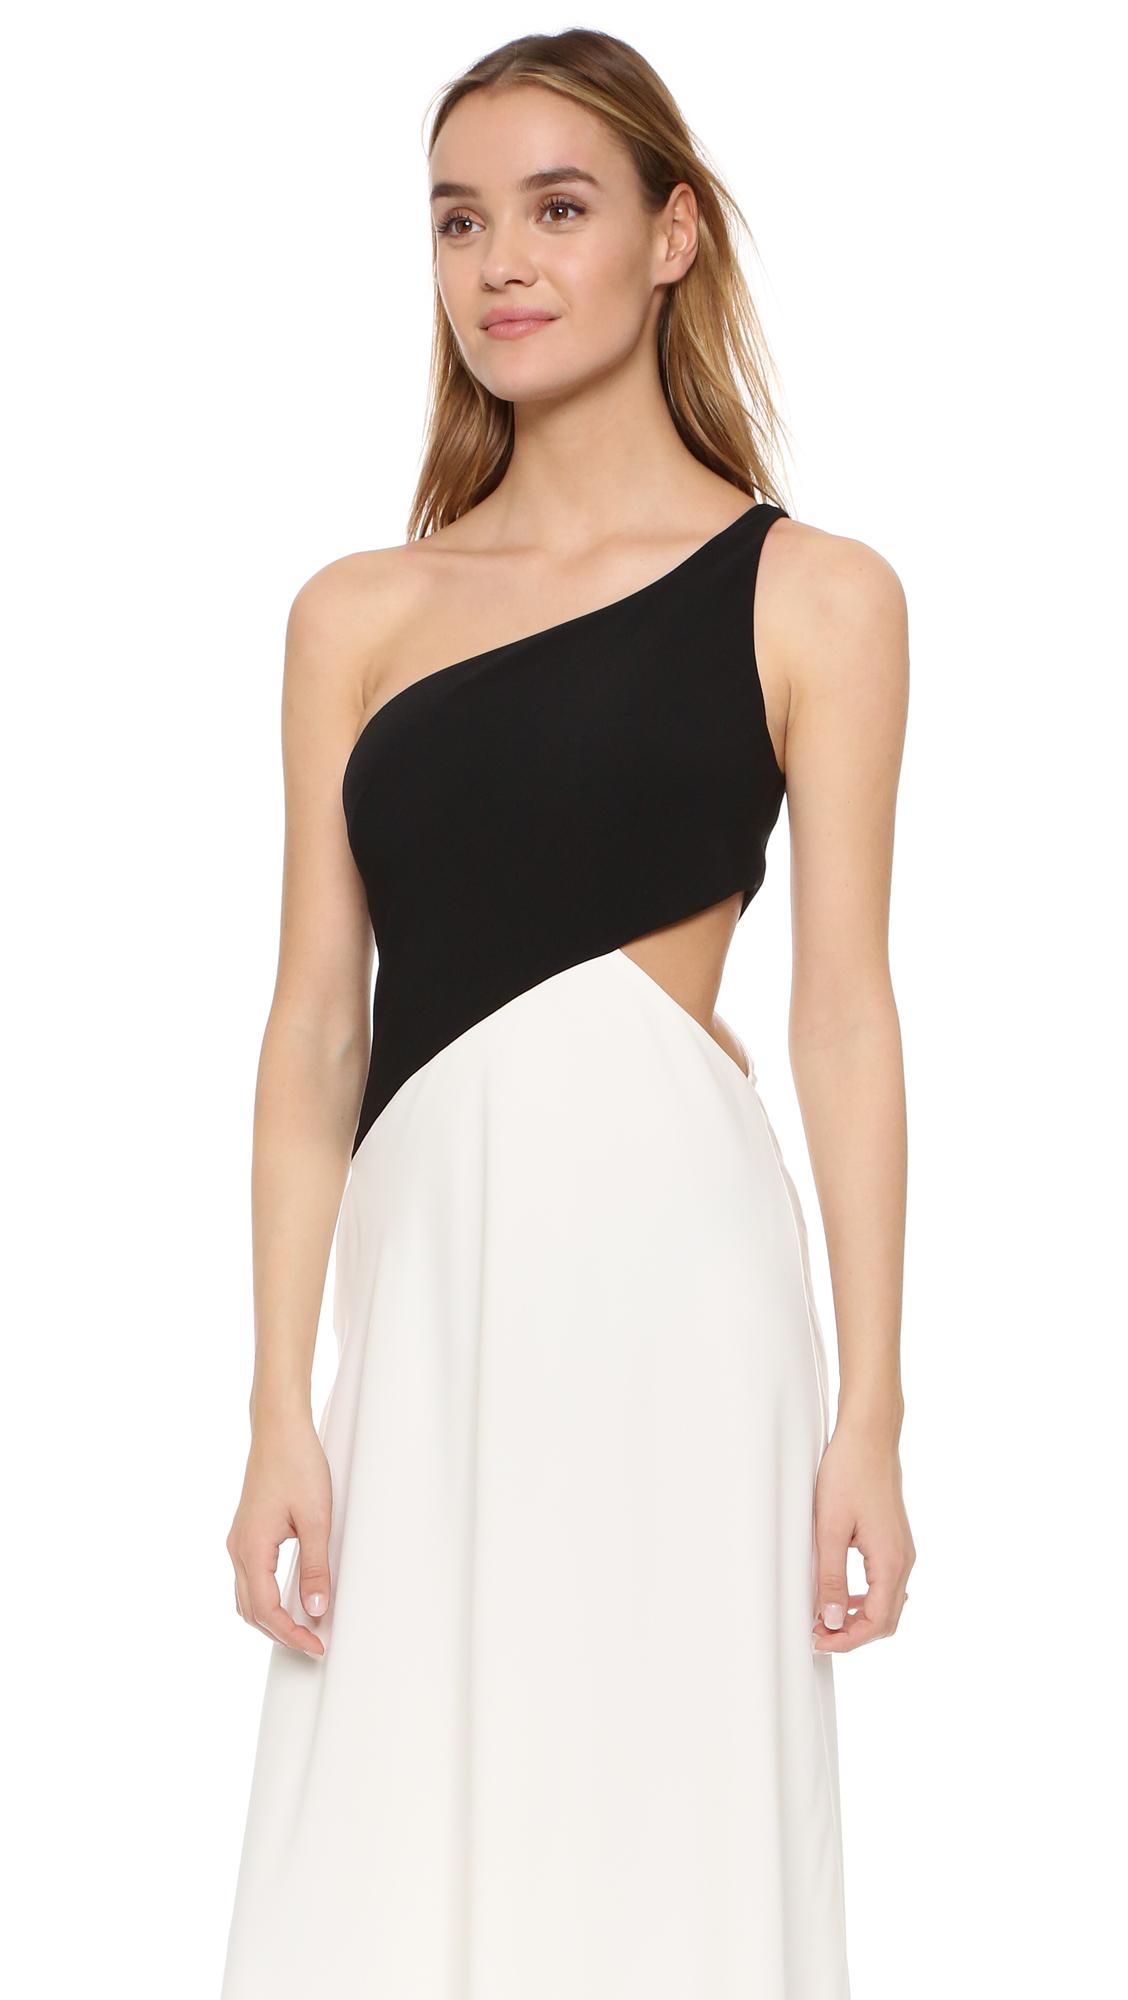 Jill Jill Stuart One Shoulder Cutout Gown in Black - Lyst